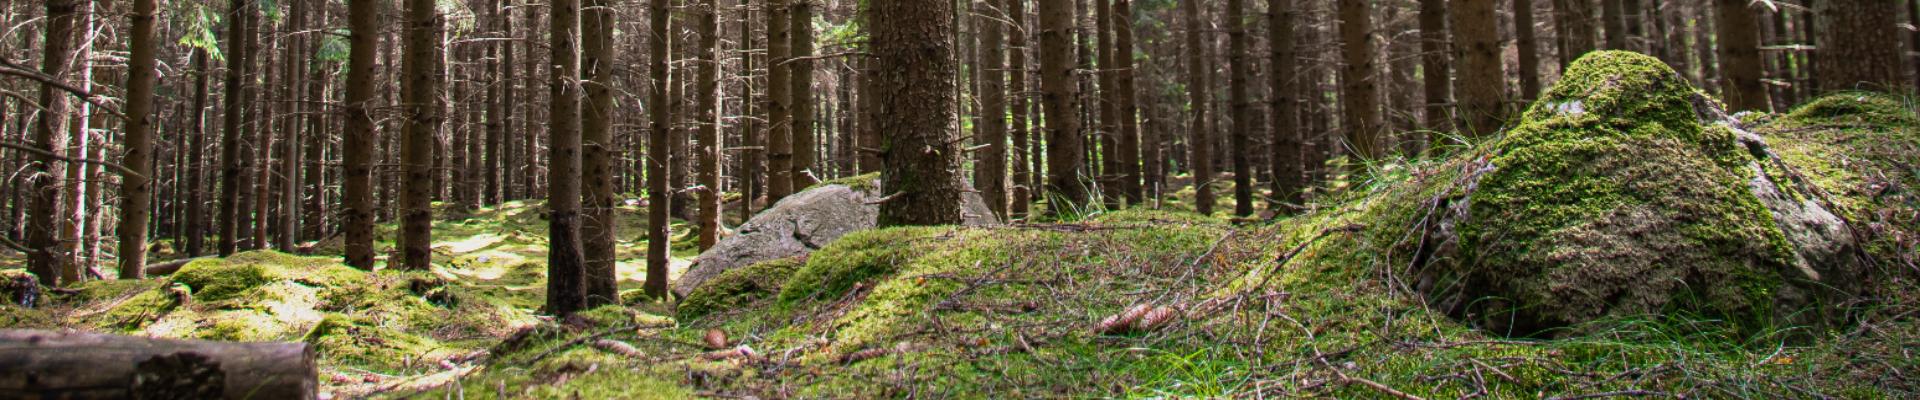 Asume Võrumaa metsade vahel Verijärvel. Elevandile omane enesekindlus ja töökus on meid viinud liimpuitkomponentide valdkonna turuliidriks terves Euroopas.